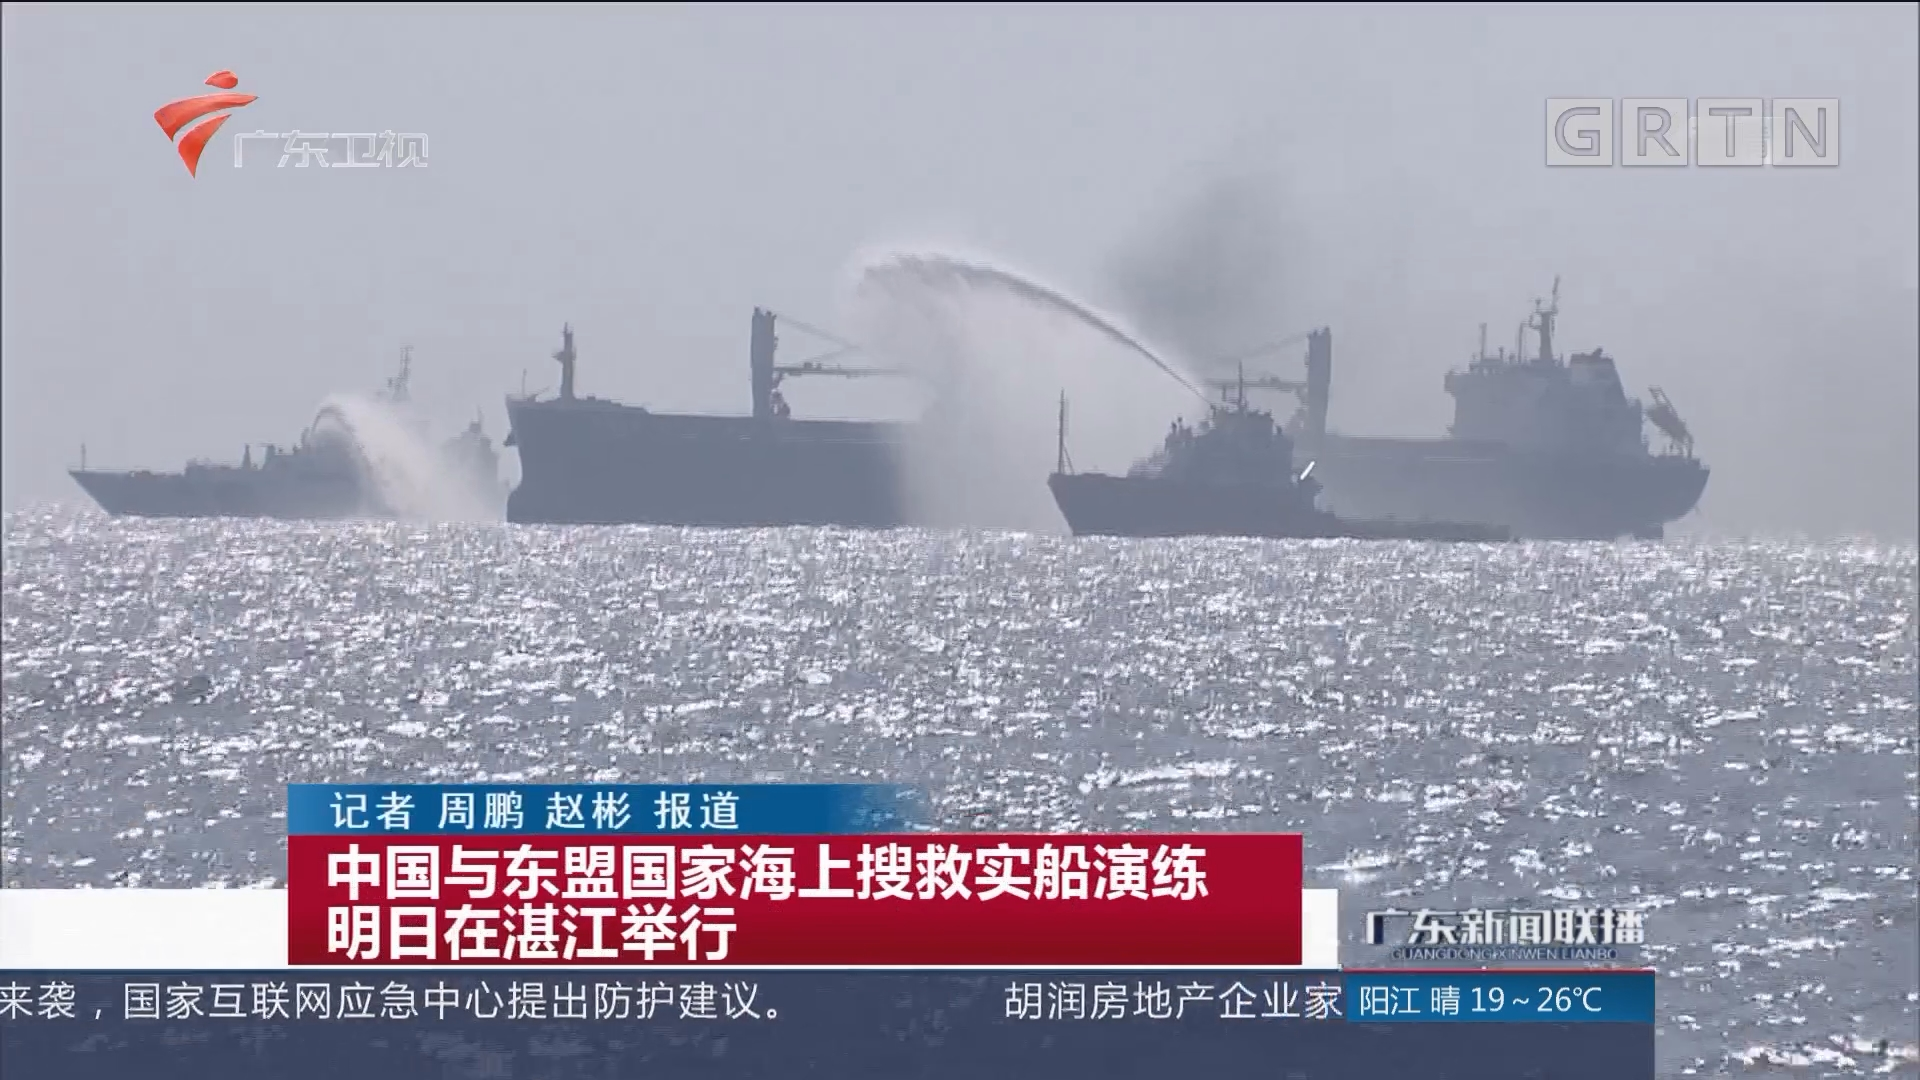 中国与东盟国家海上搜救实船演练 明日在湛江举行